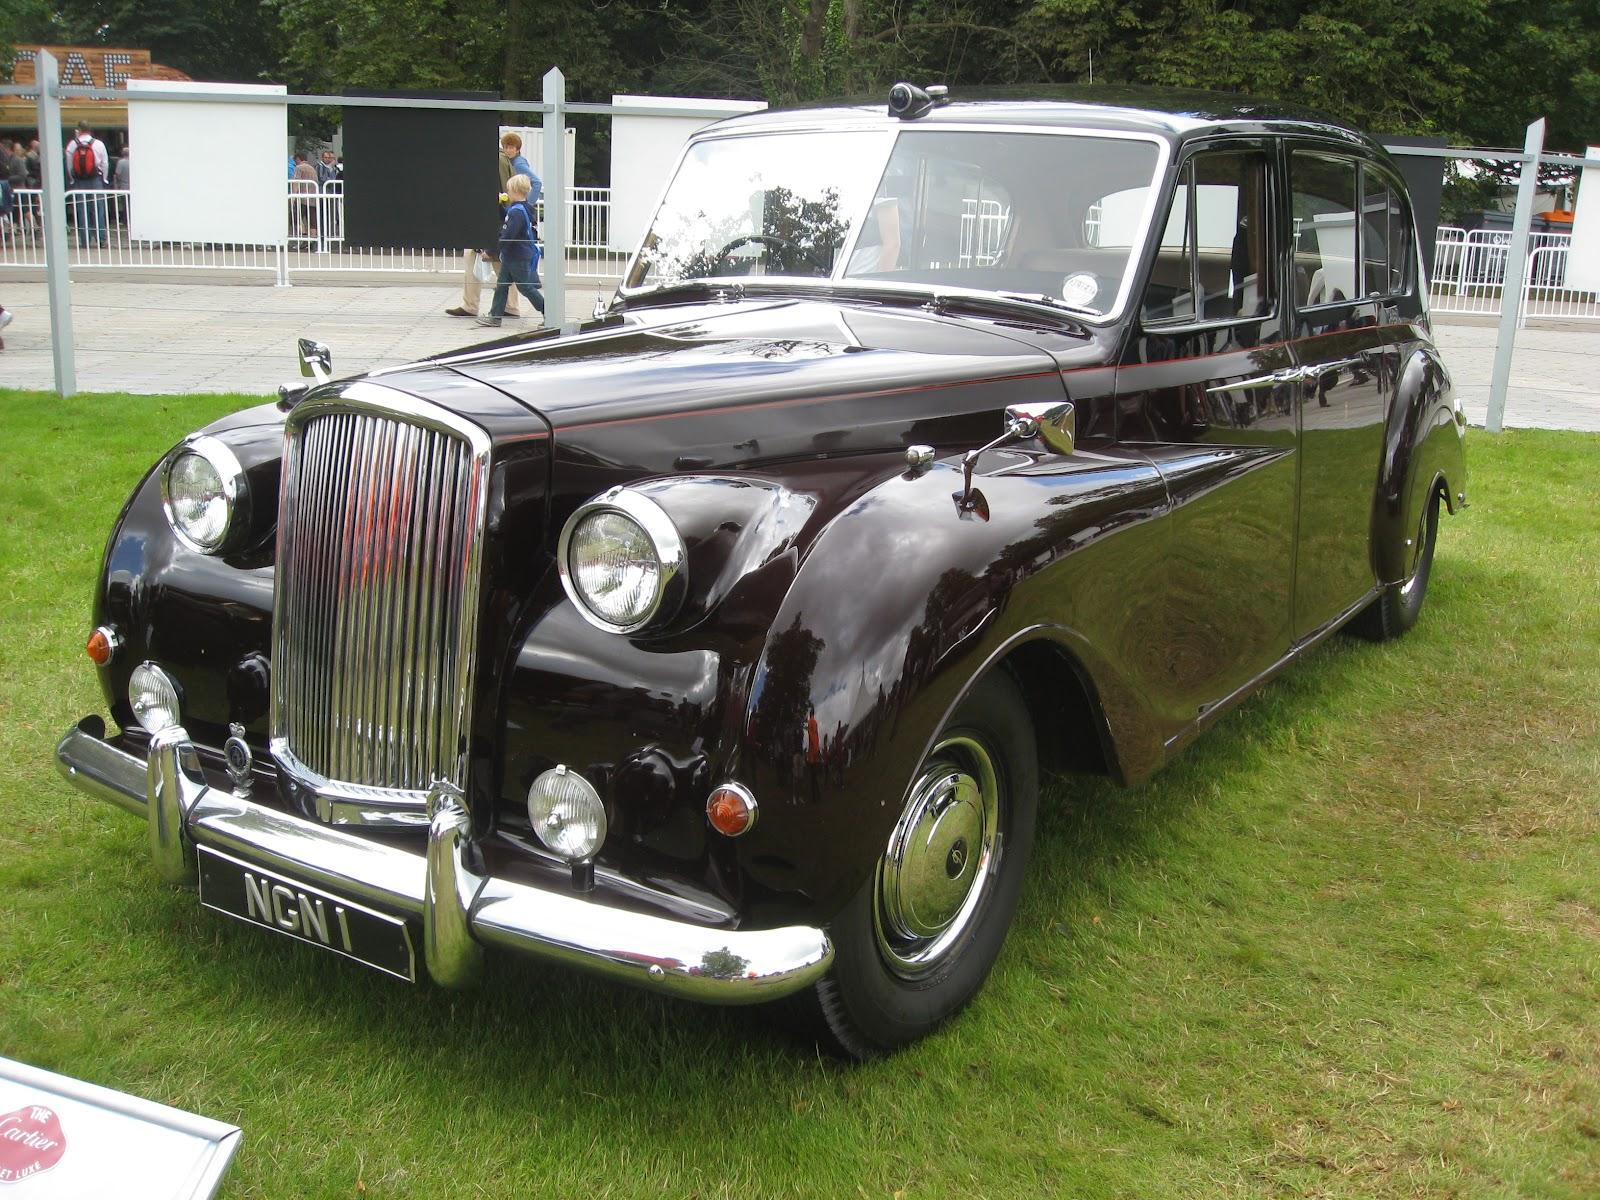 http://3.bp.blogspot.com/-VRdd8hFHkXY/T_lmJx3my7I/AAAAAAAAAis/0BA6cmQRtnM/s1600/1969+Austin+Princess+4.0+Vanden+Plas+Limousine.JPG